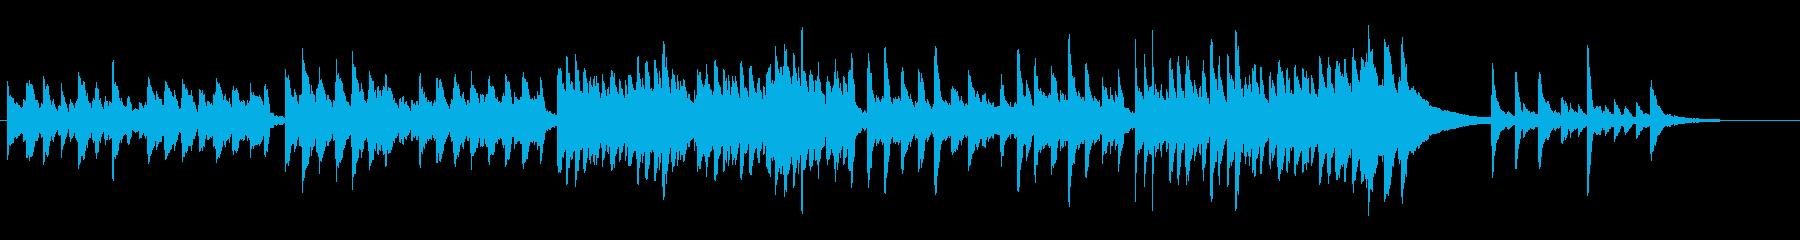 三拍子でポップな感じのピアノ曲の再生済みの波形